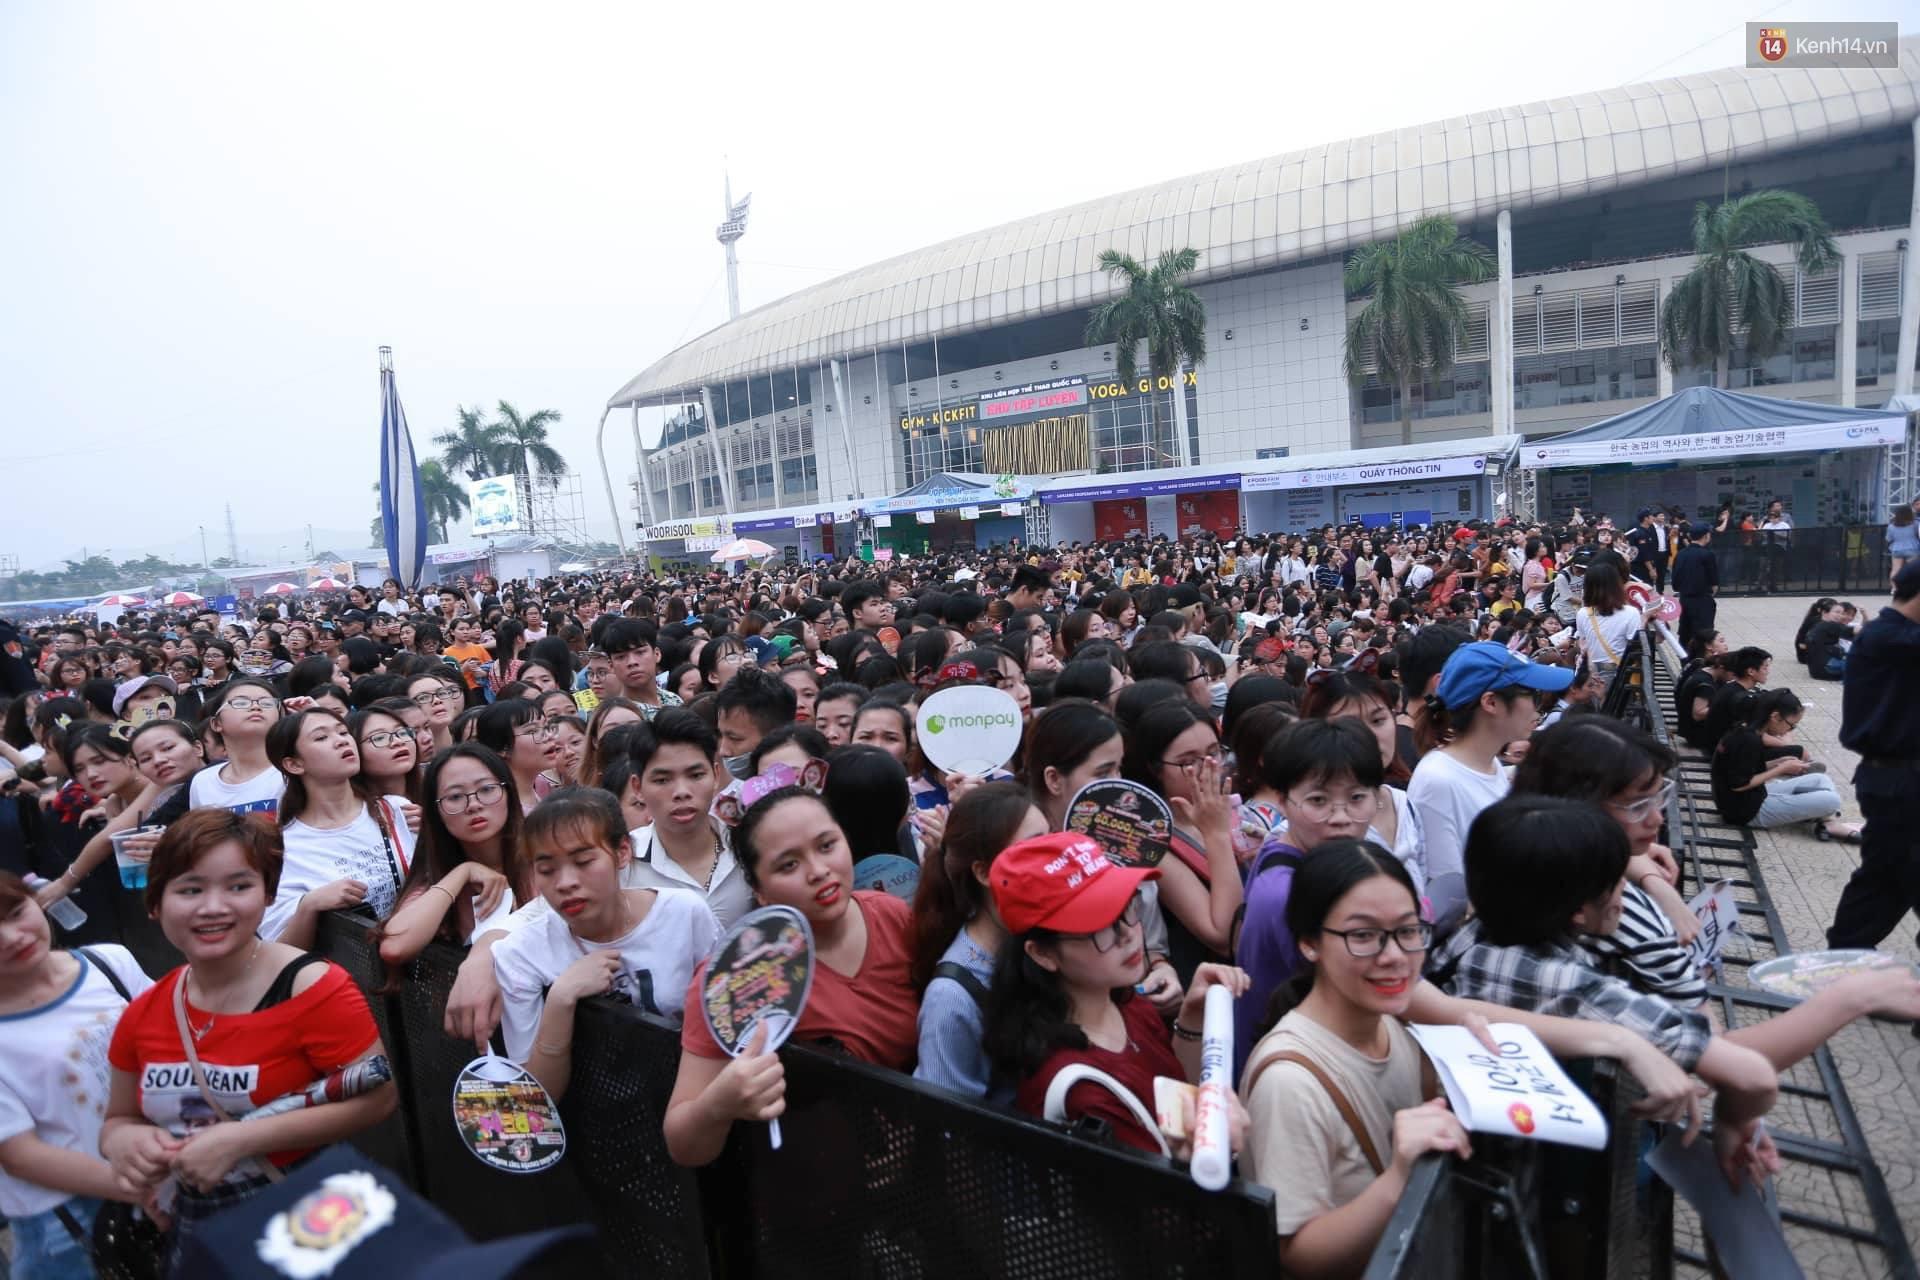 K-Food Fair 2018: Highlight bất ngờ diễn lại hit từ thời còn là B2ST, fanchant nổi da gà! - Ảnh 4.